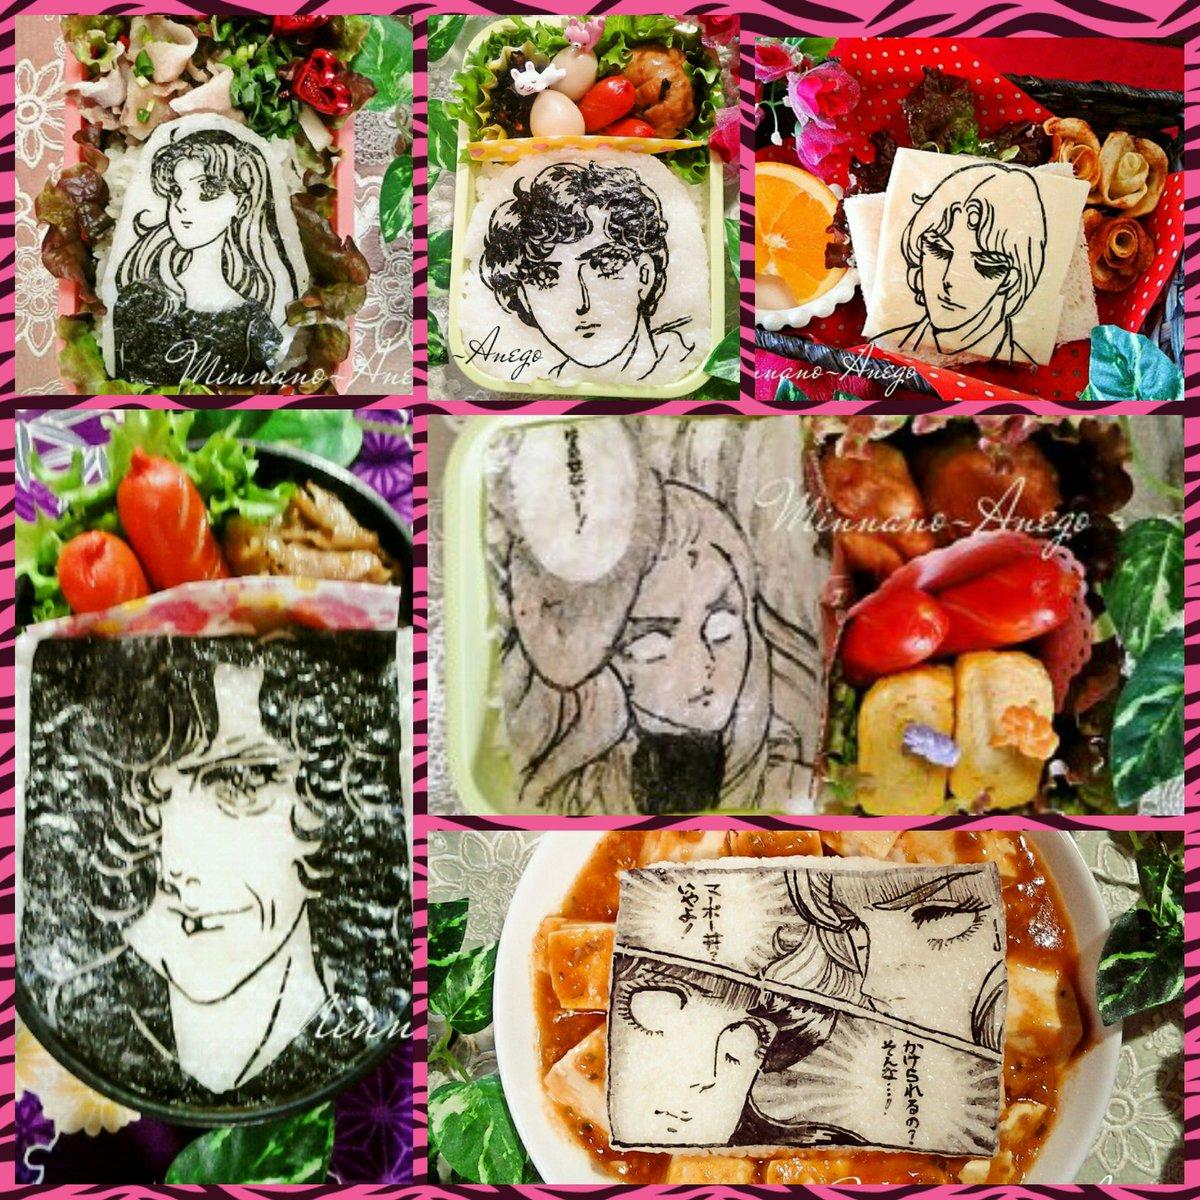 2014年2月に作ったお弁当放出🎵『ガラスの仮面』弁当白目以外は海苔切りです(^ー^)#ガラスの仮面 #お弁当 #キャラ